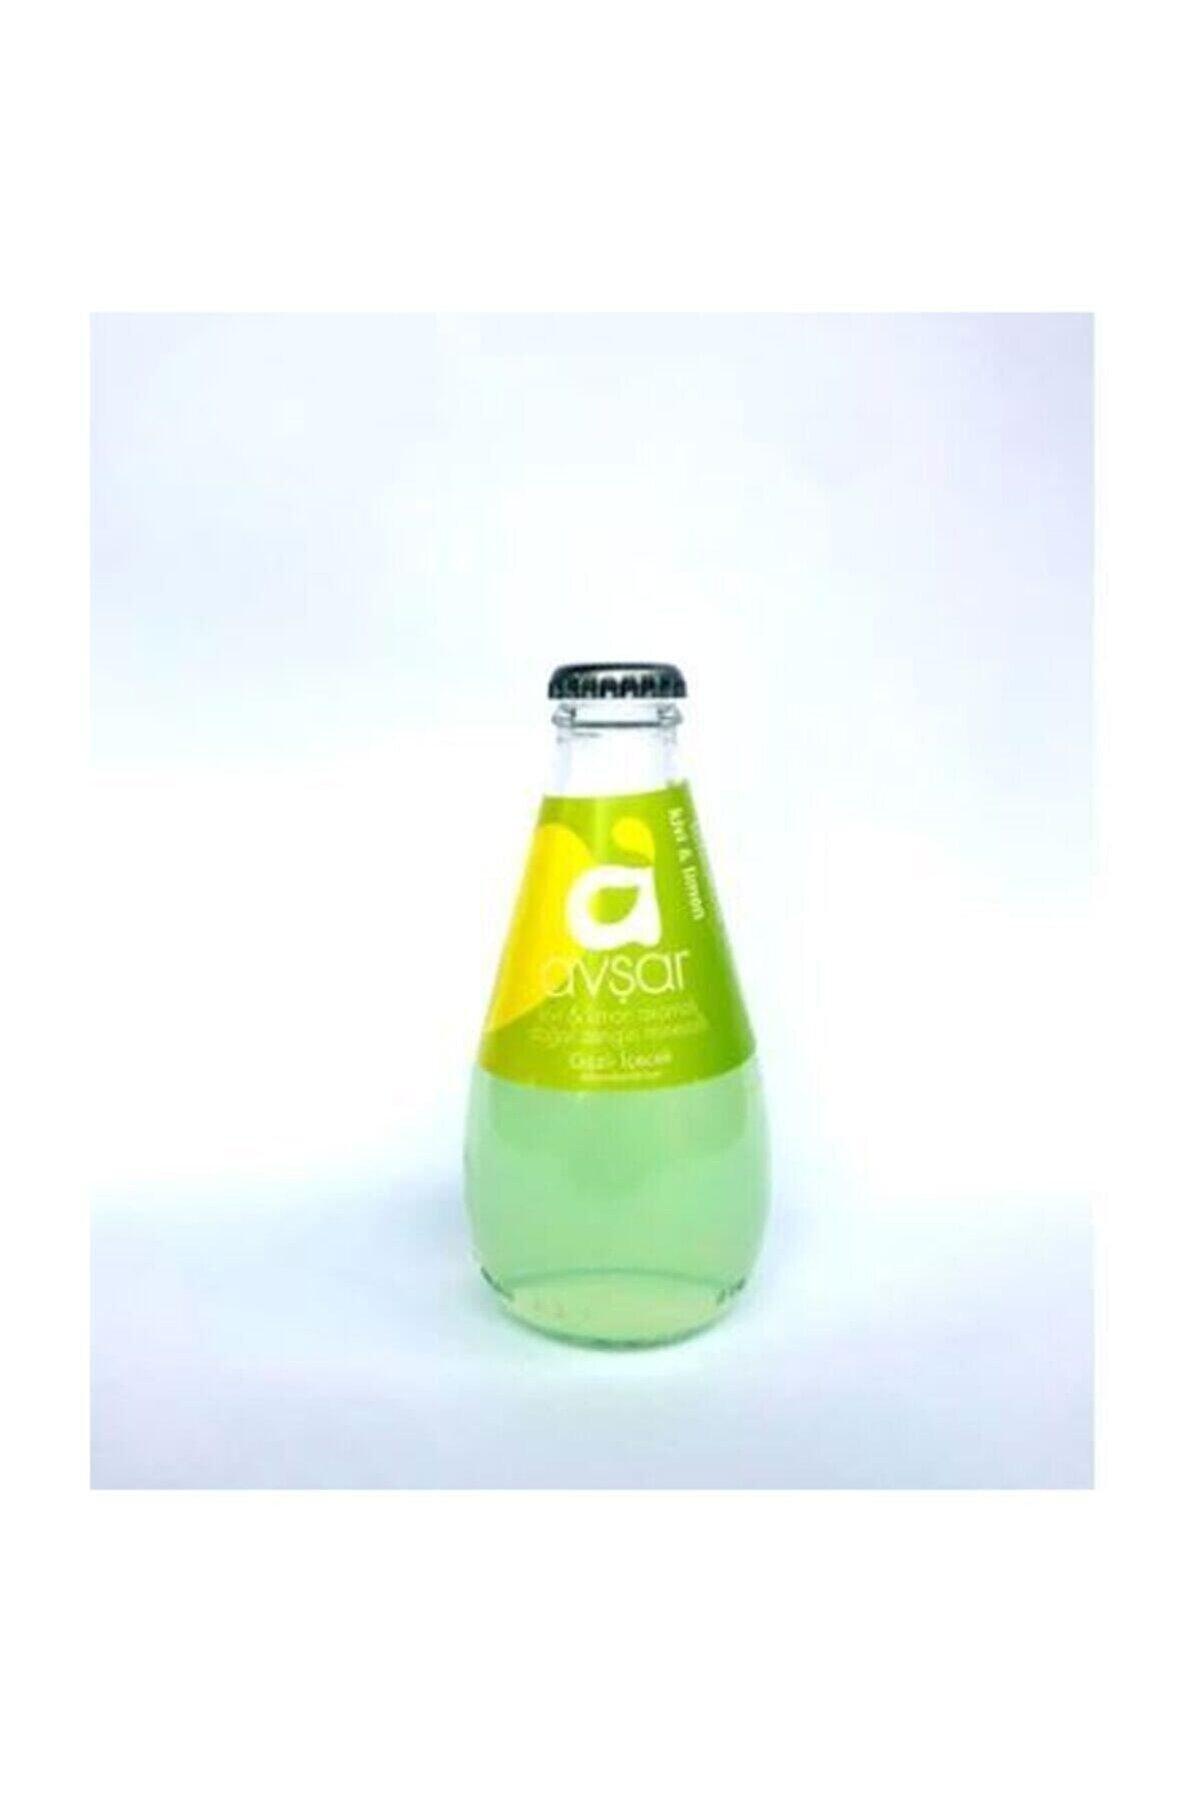 Avşar Maden Suyu Kivi &limon 200 ml 6'lı